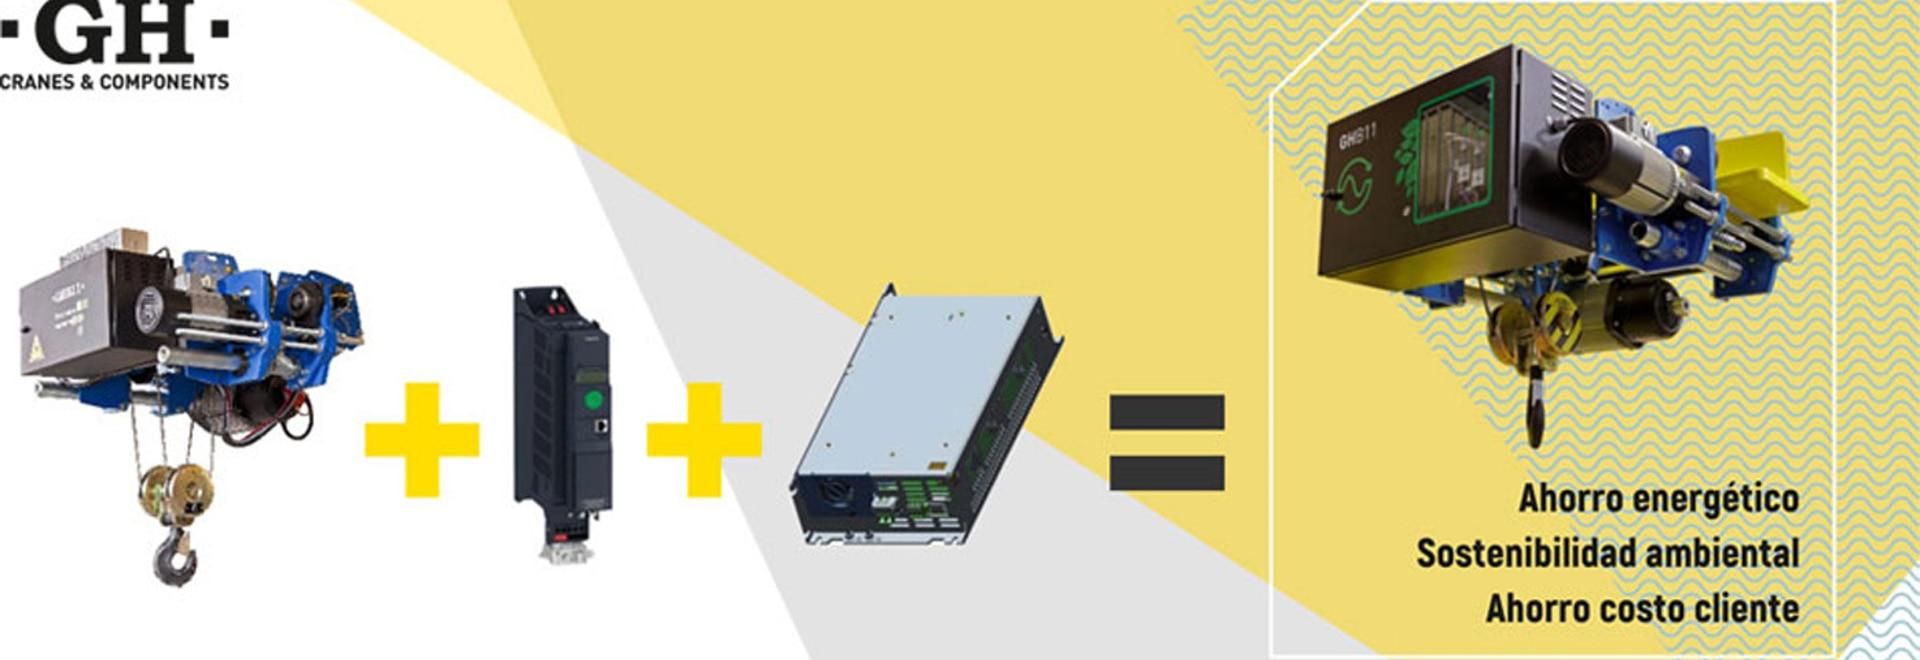 Standard gh hoist regenerative inverter